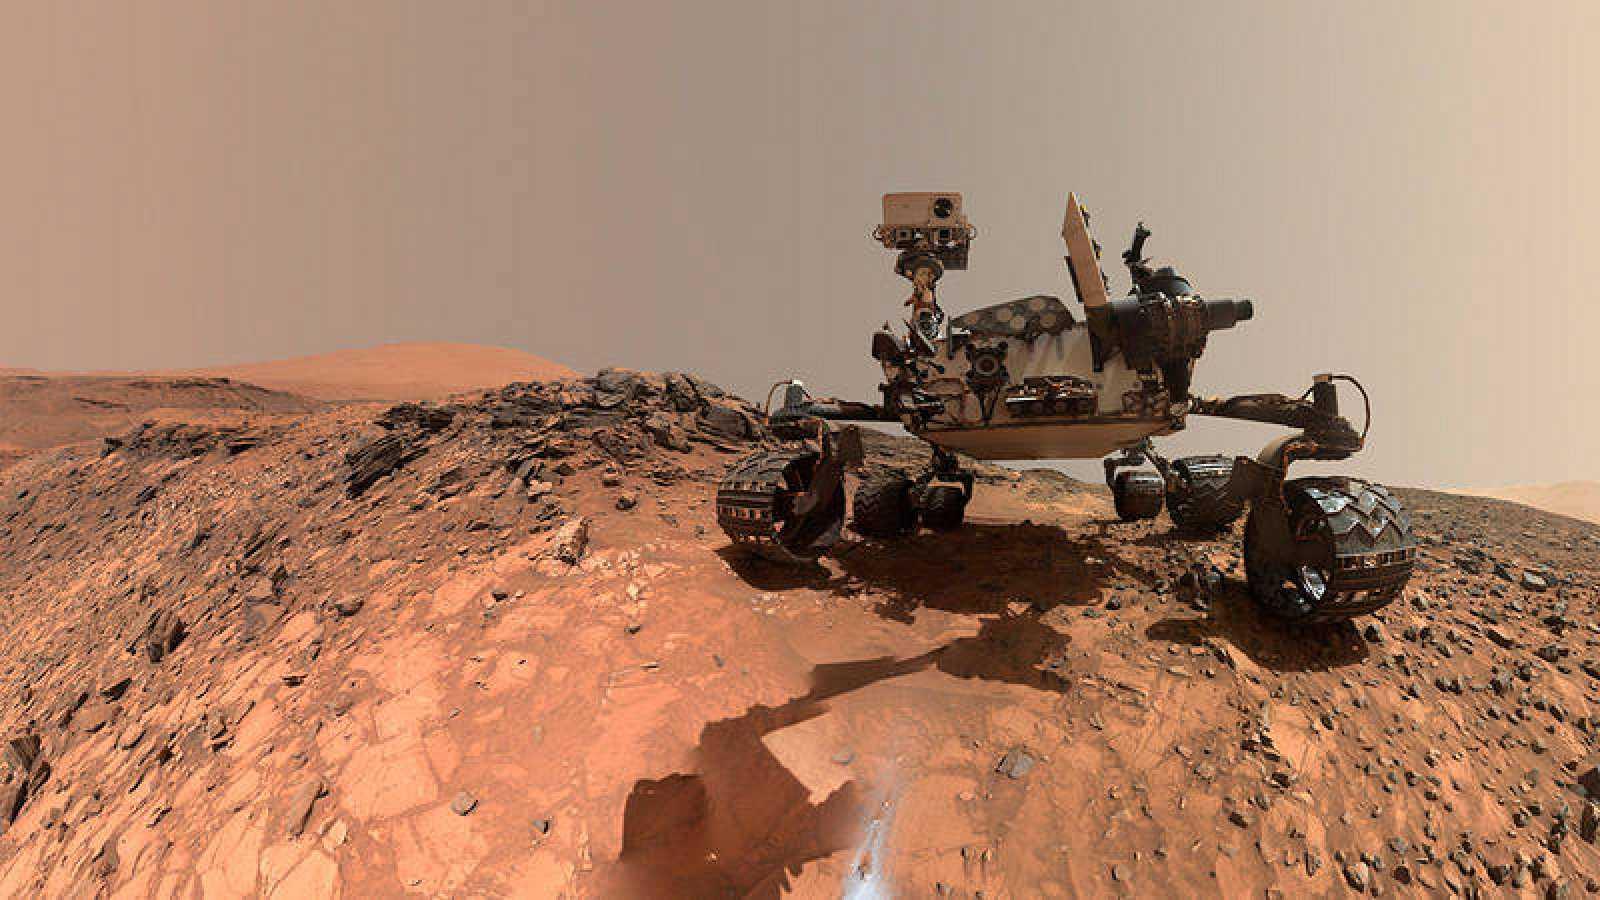 Curiosity ha recorrido 12 kilómetros durante 6 años en los que ha perforado 17 rocas para analizarlas.